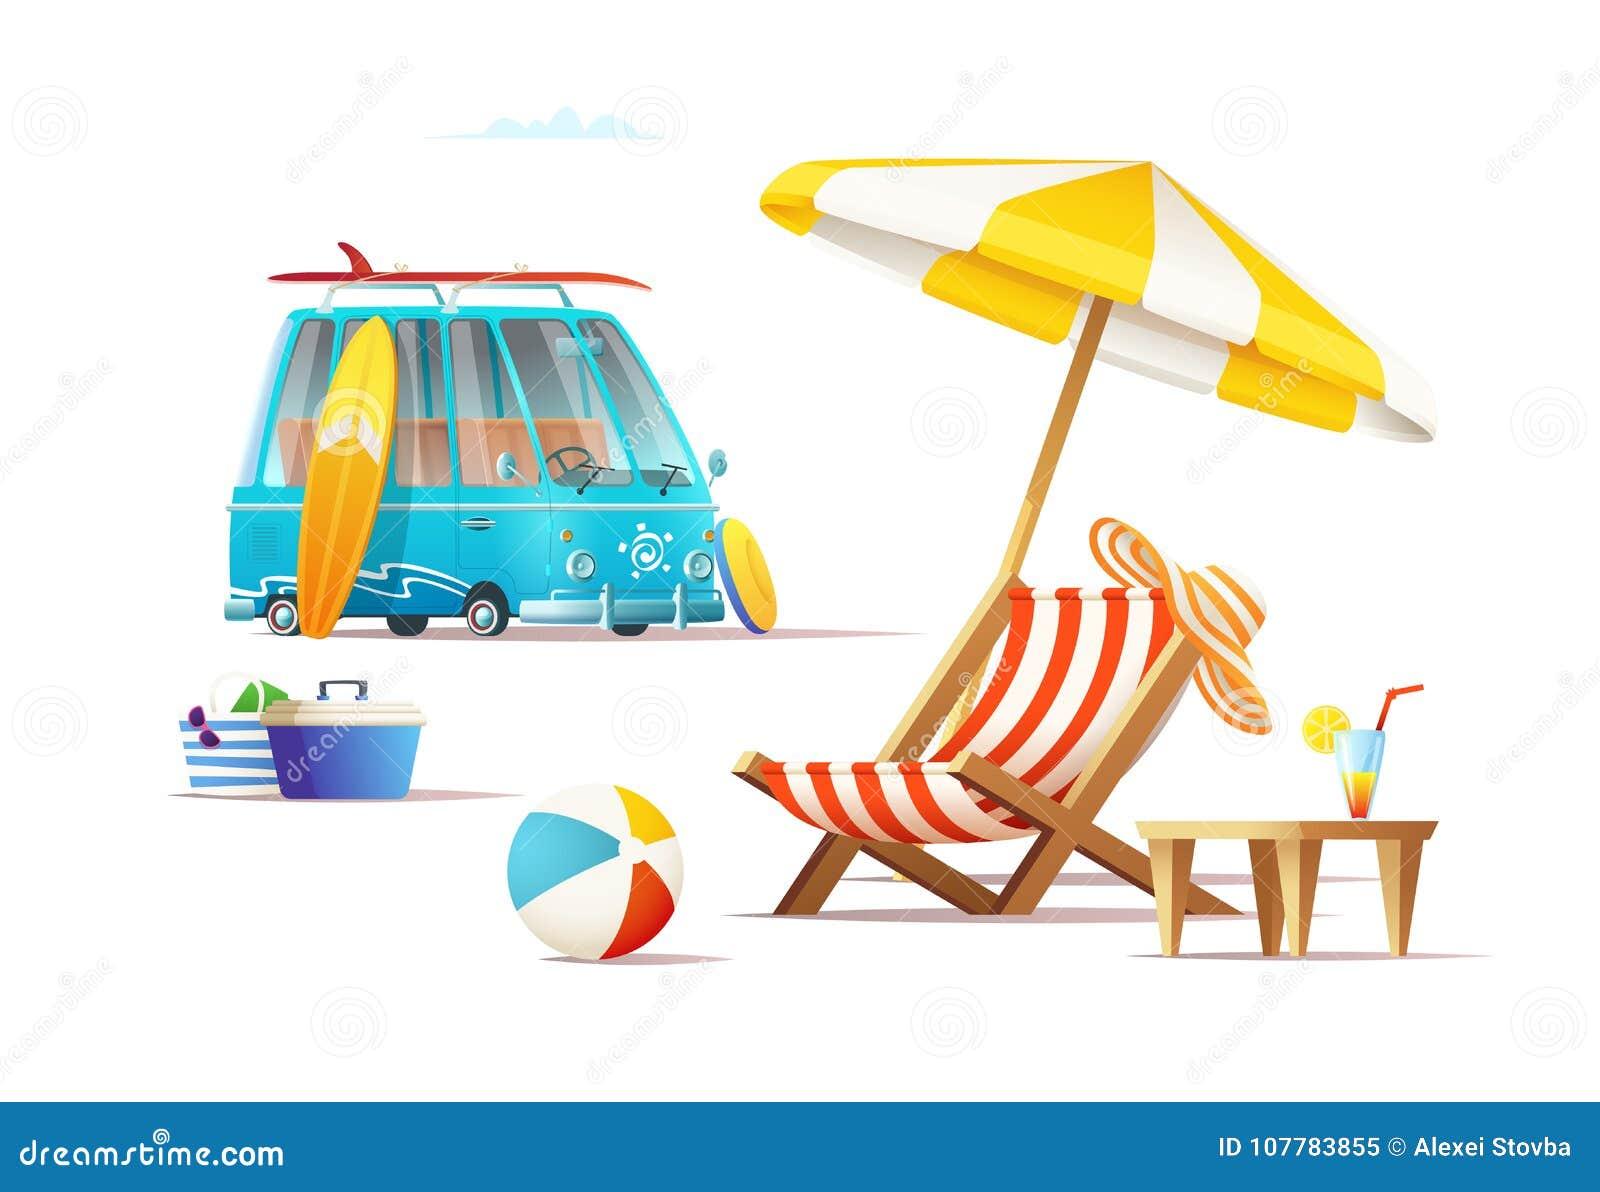 Concept De Vacances De Voyage D Ete Illustration De Dessin Anime Illustration Stock Illustration Du Anime Concept 107783855